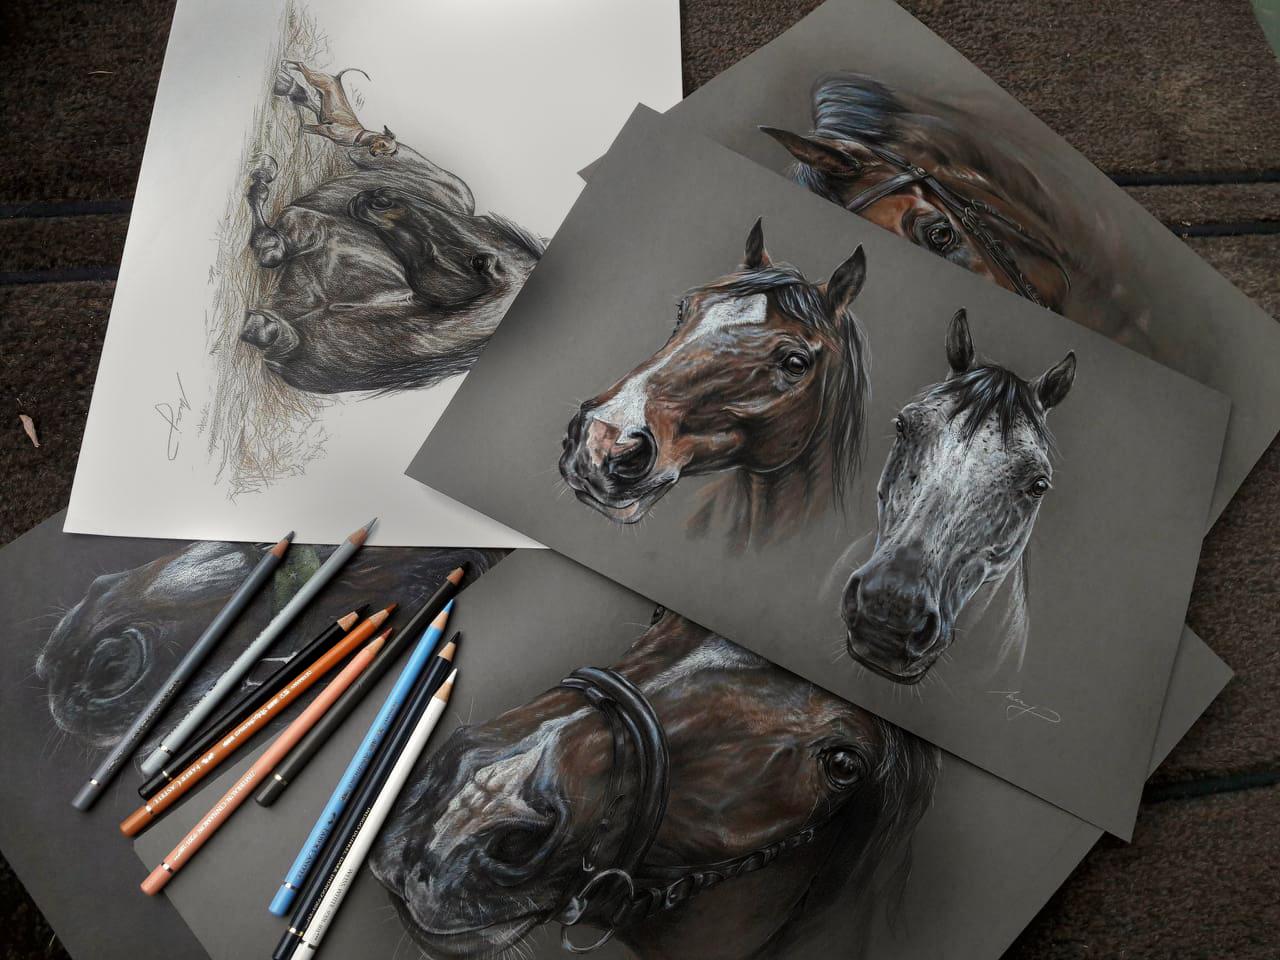 Kresba Malba Km Atelier Pro Kocku Umelecke Kurzy Pro Verejnost